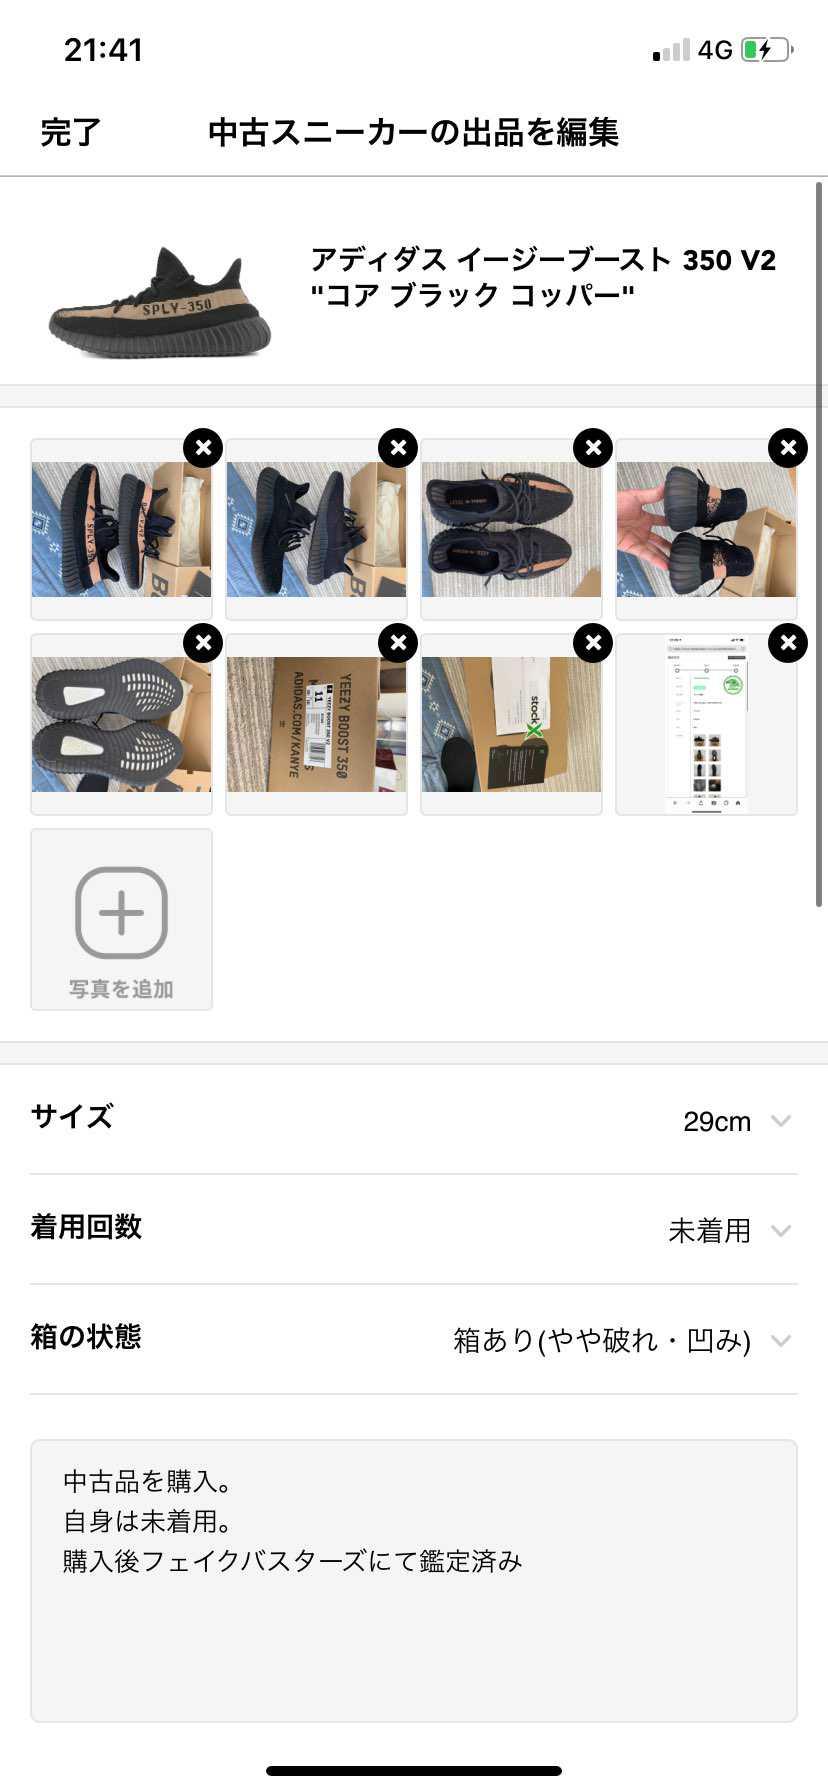 だれか買って〜〜〜!